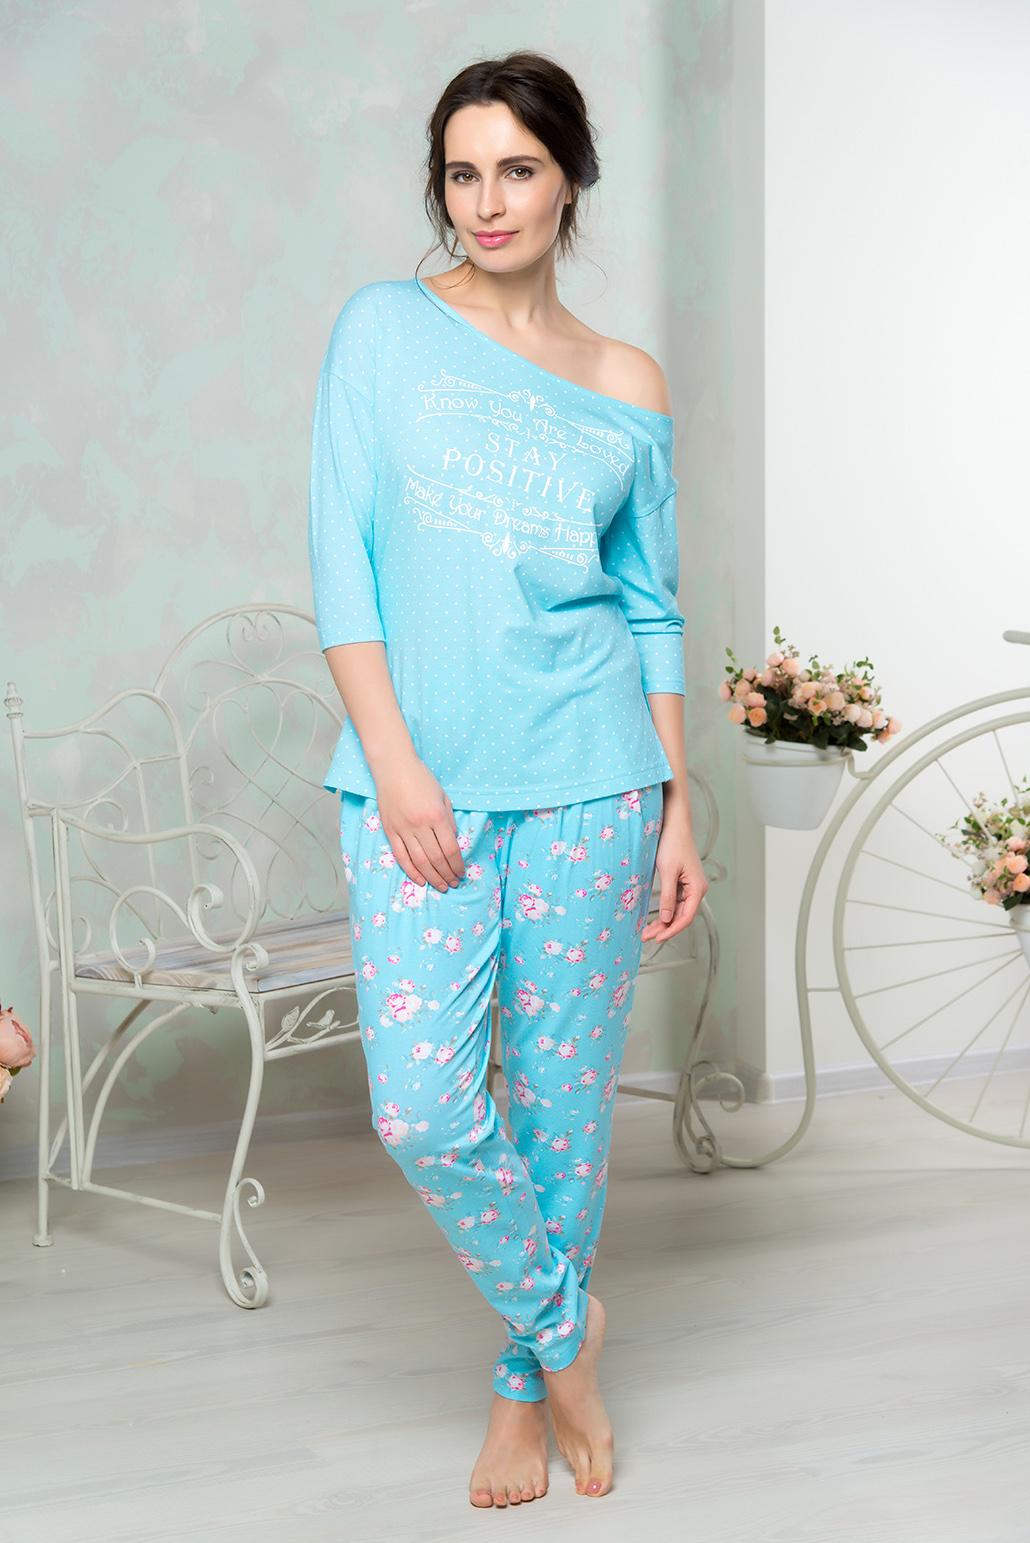 Домашний комплектAW16-MCUZ-852Комплект домашний одежды Mia Cara состоит из футболки с рукавами 3/4 и брюк. Модель выполнена из высококачественного хлопка с добавлением эластана. Футболка свободного кроя. Брюки слегка заужены к низу.